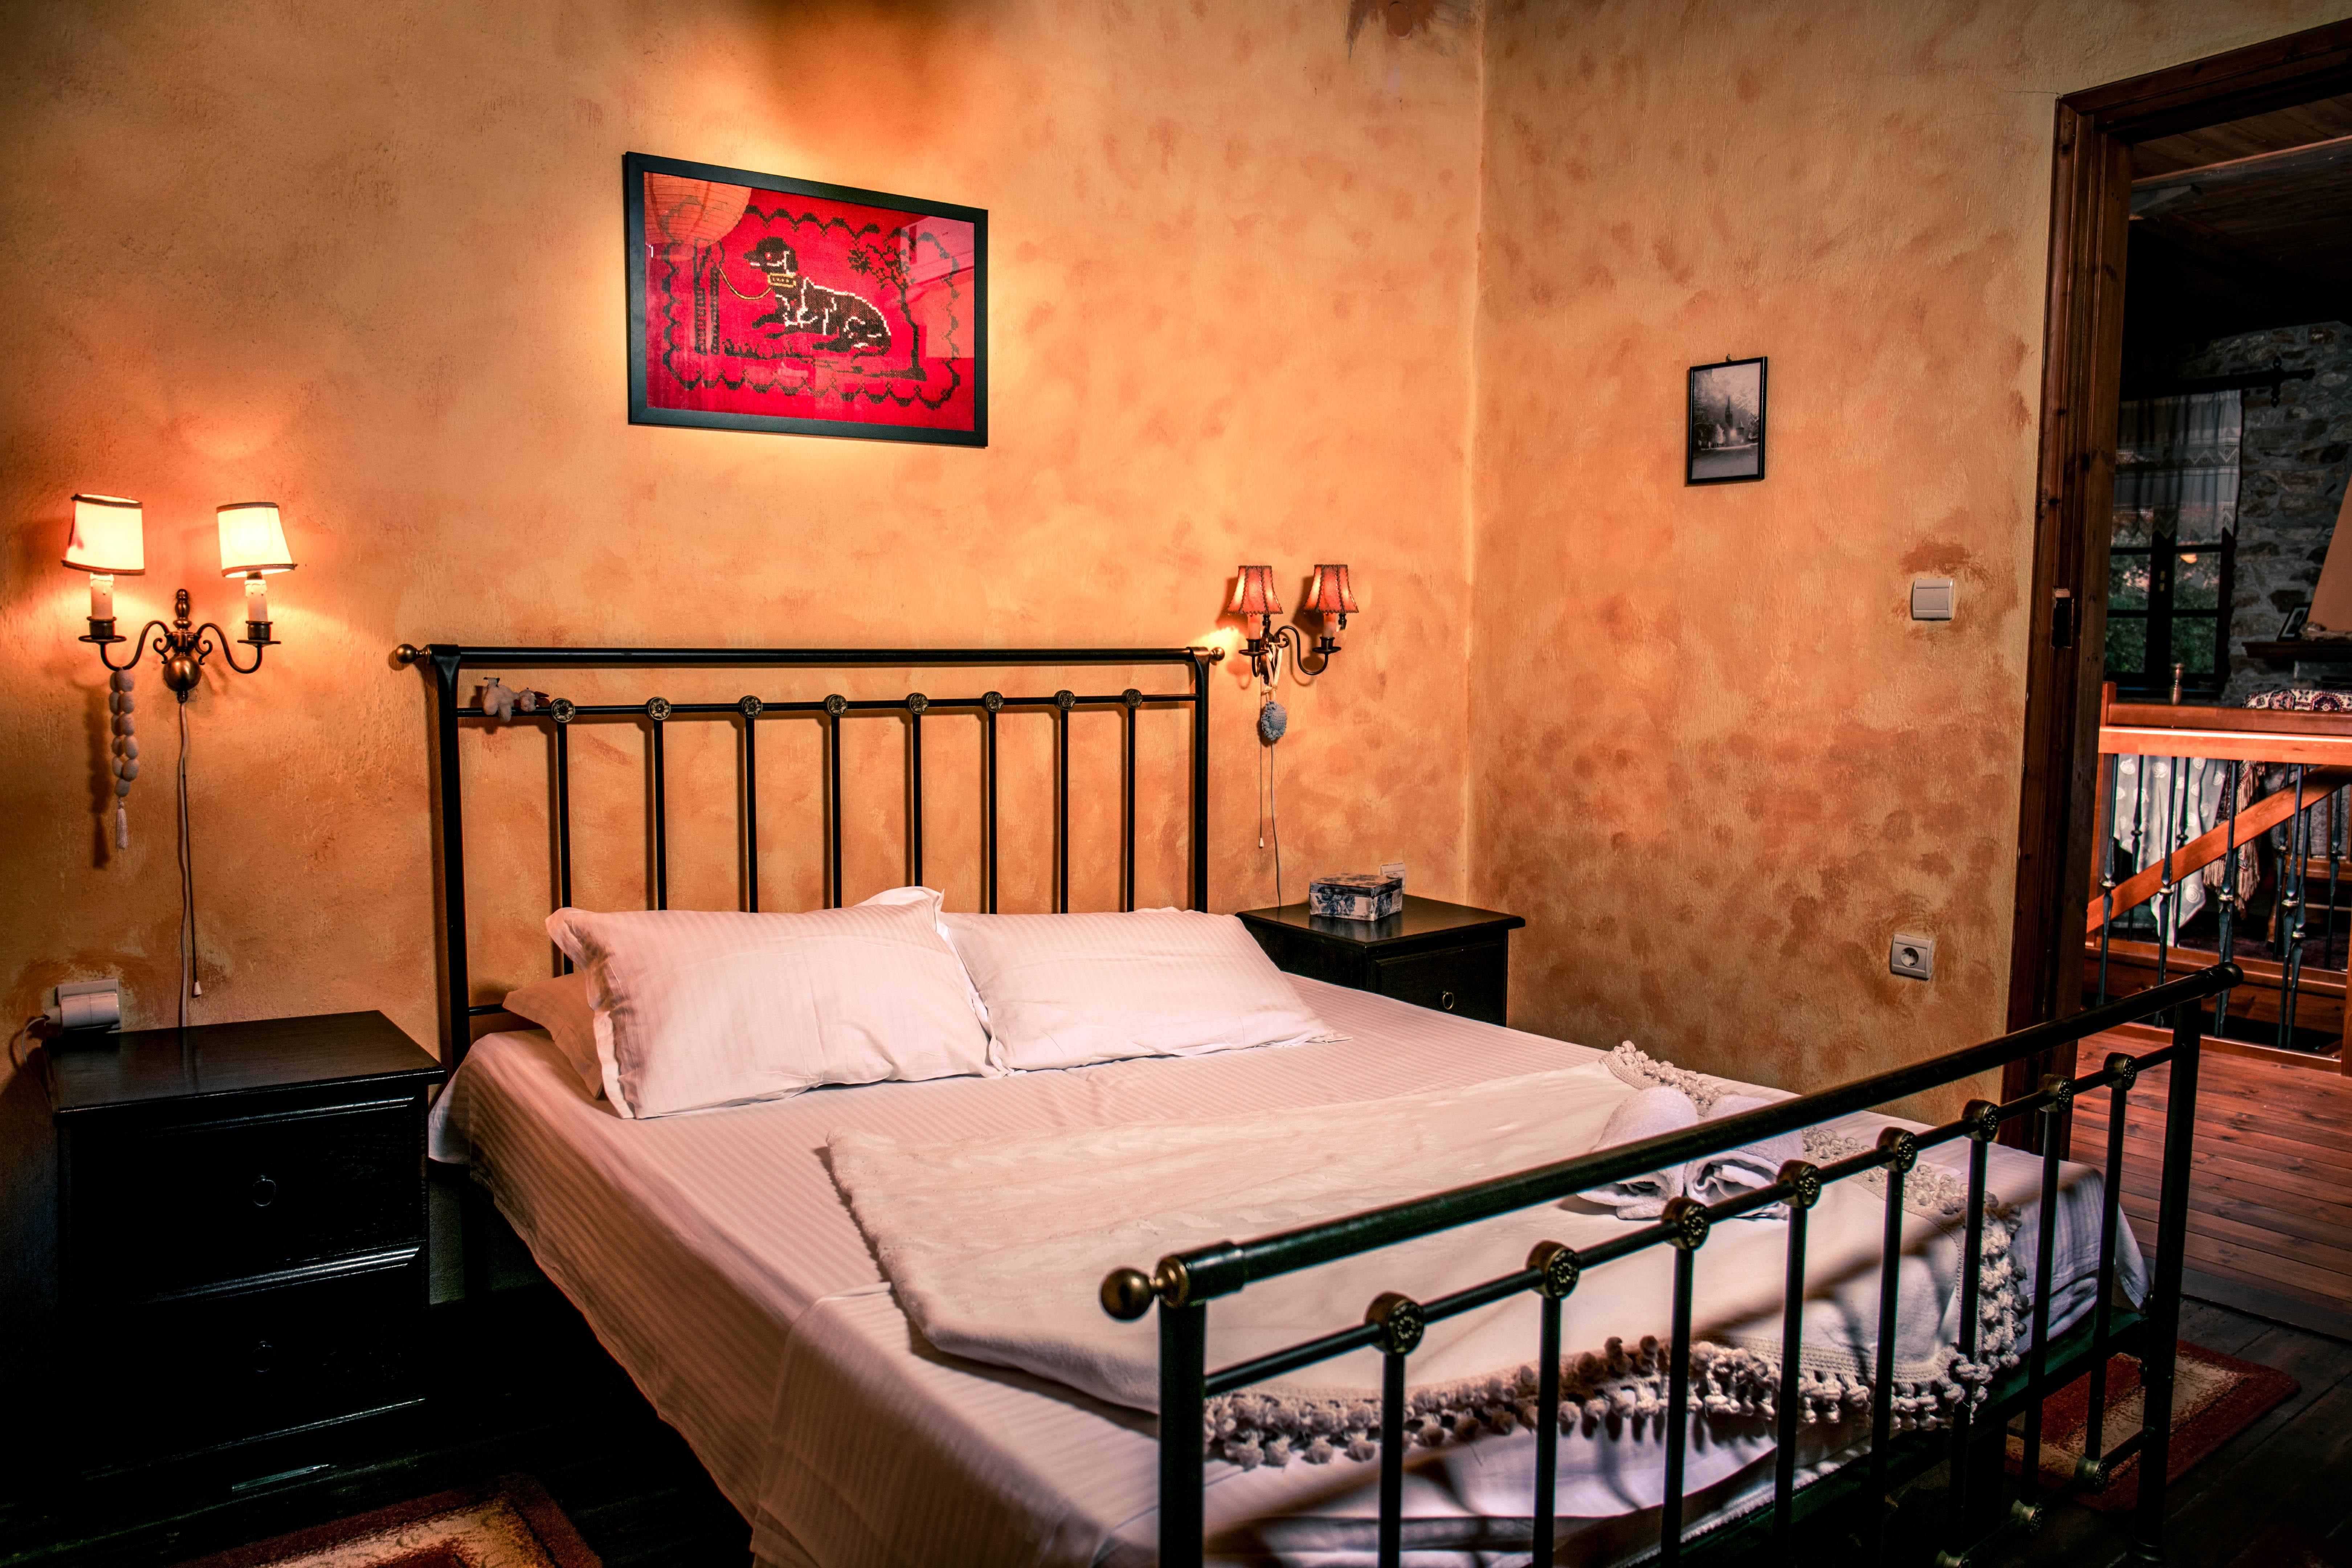 InFokus Hotel Photography